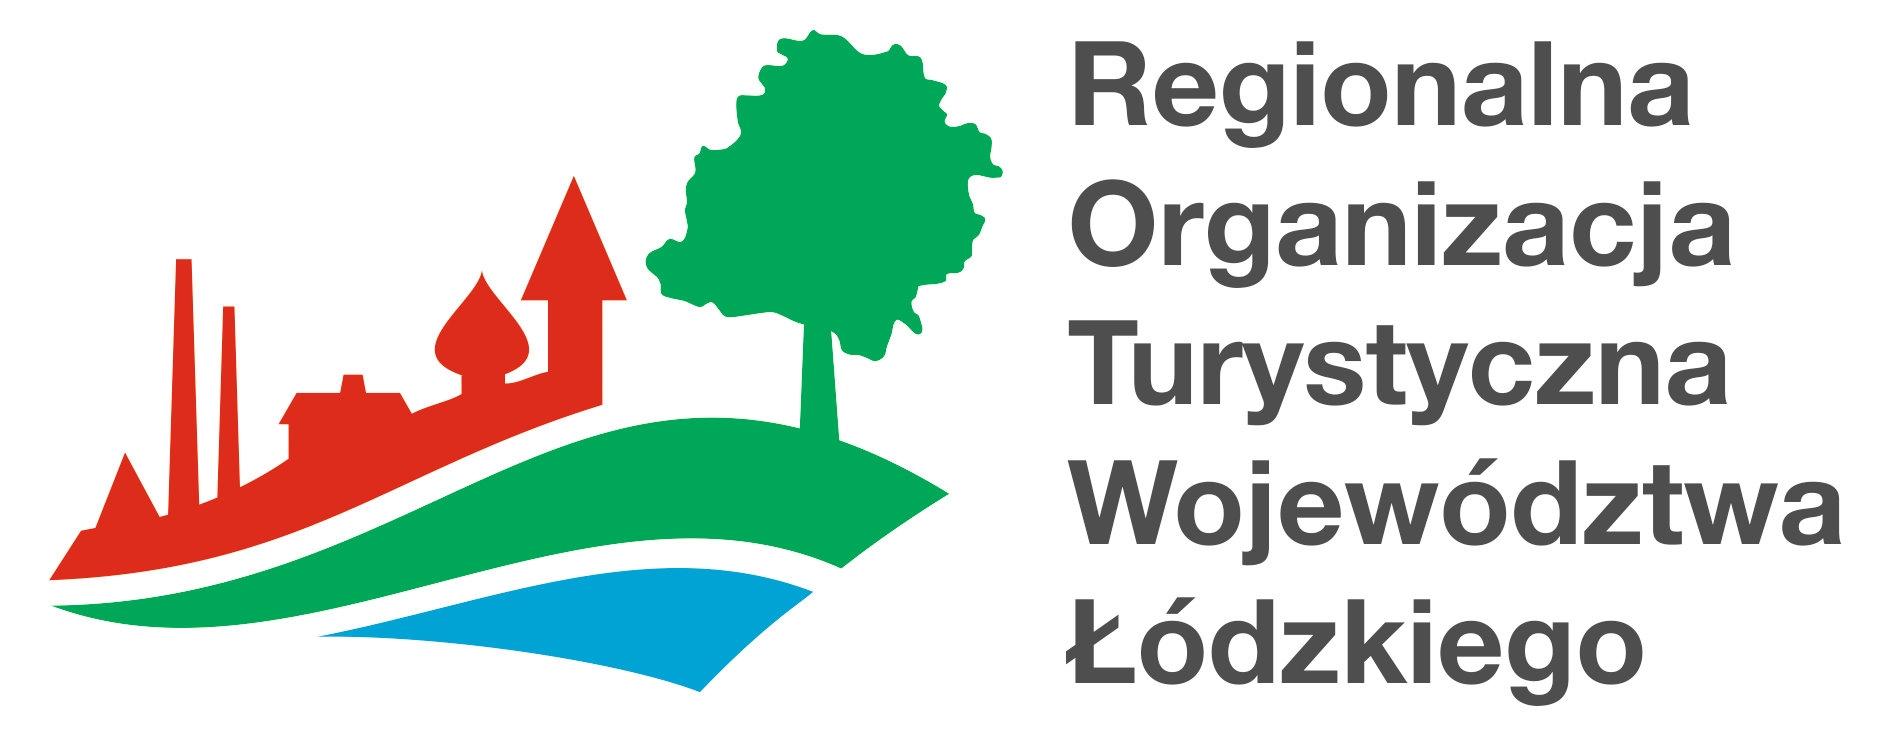 Regionalna Organizacja Turystyczna w Łodzi